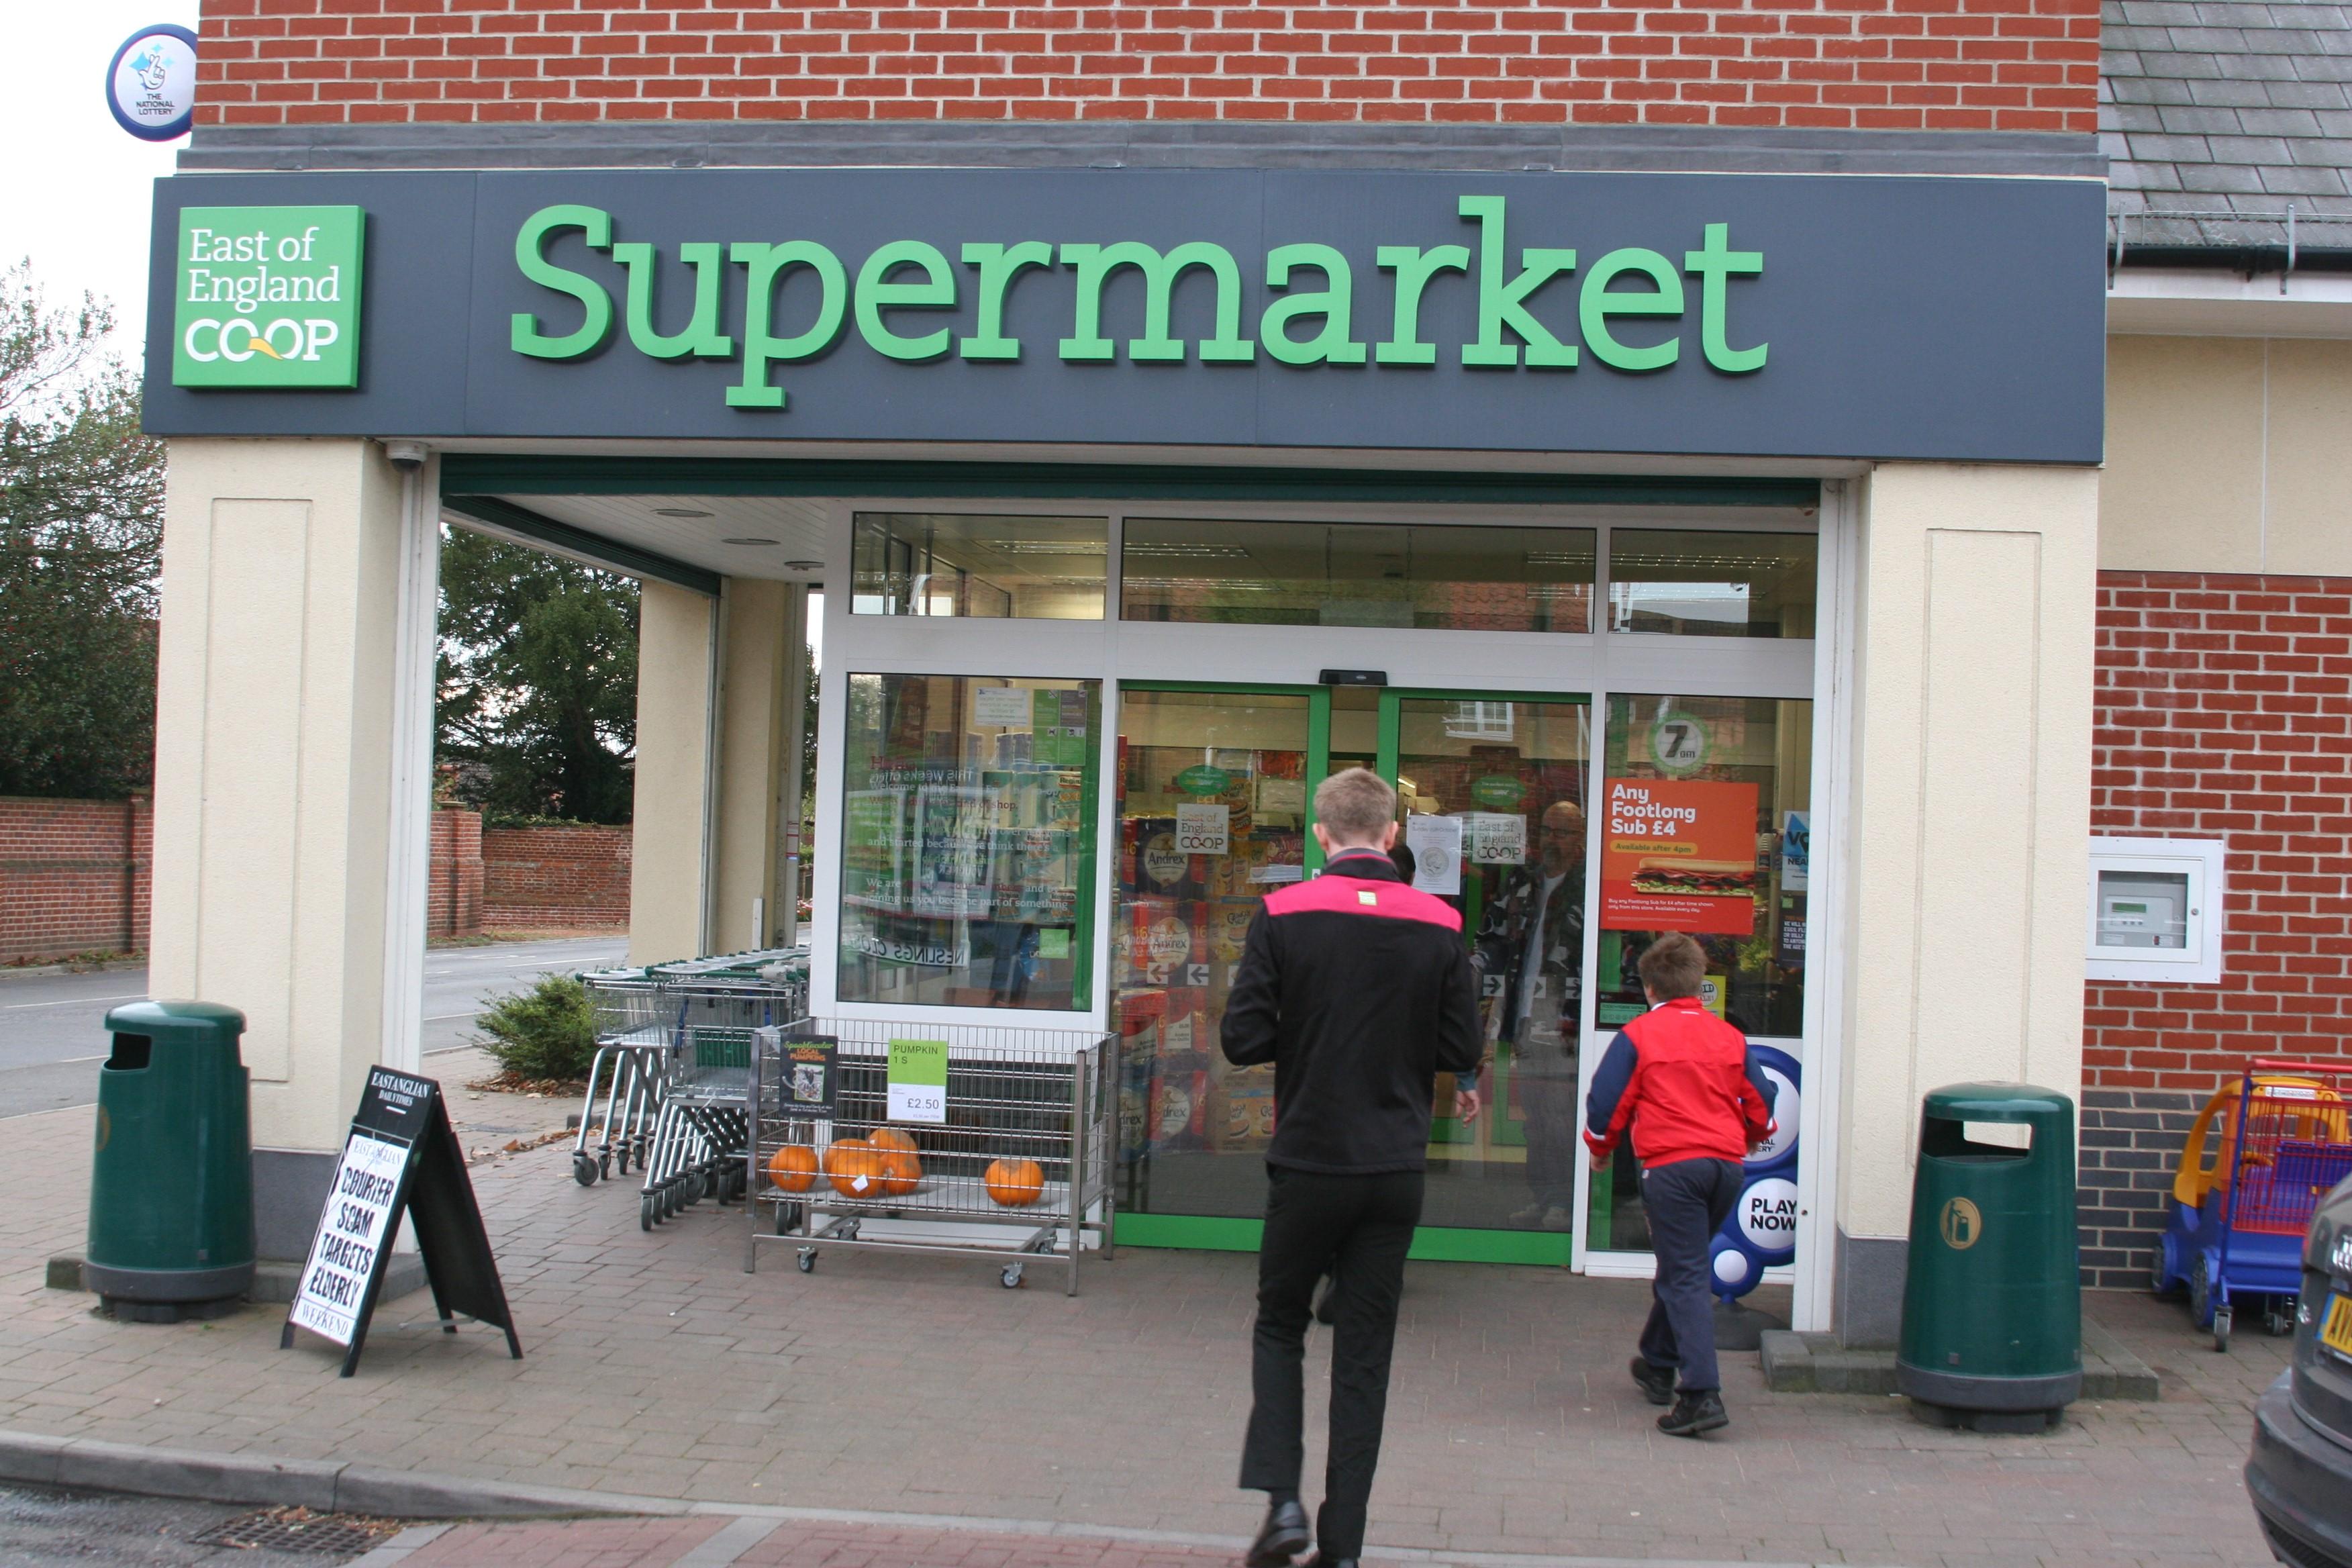 Co-op, Wickham Market Suffolk